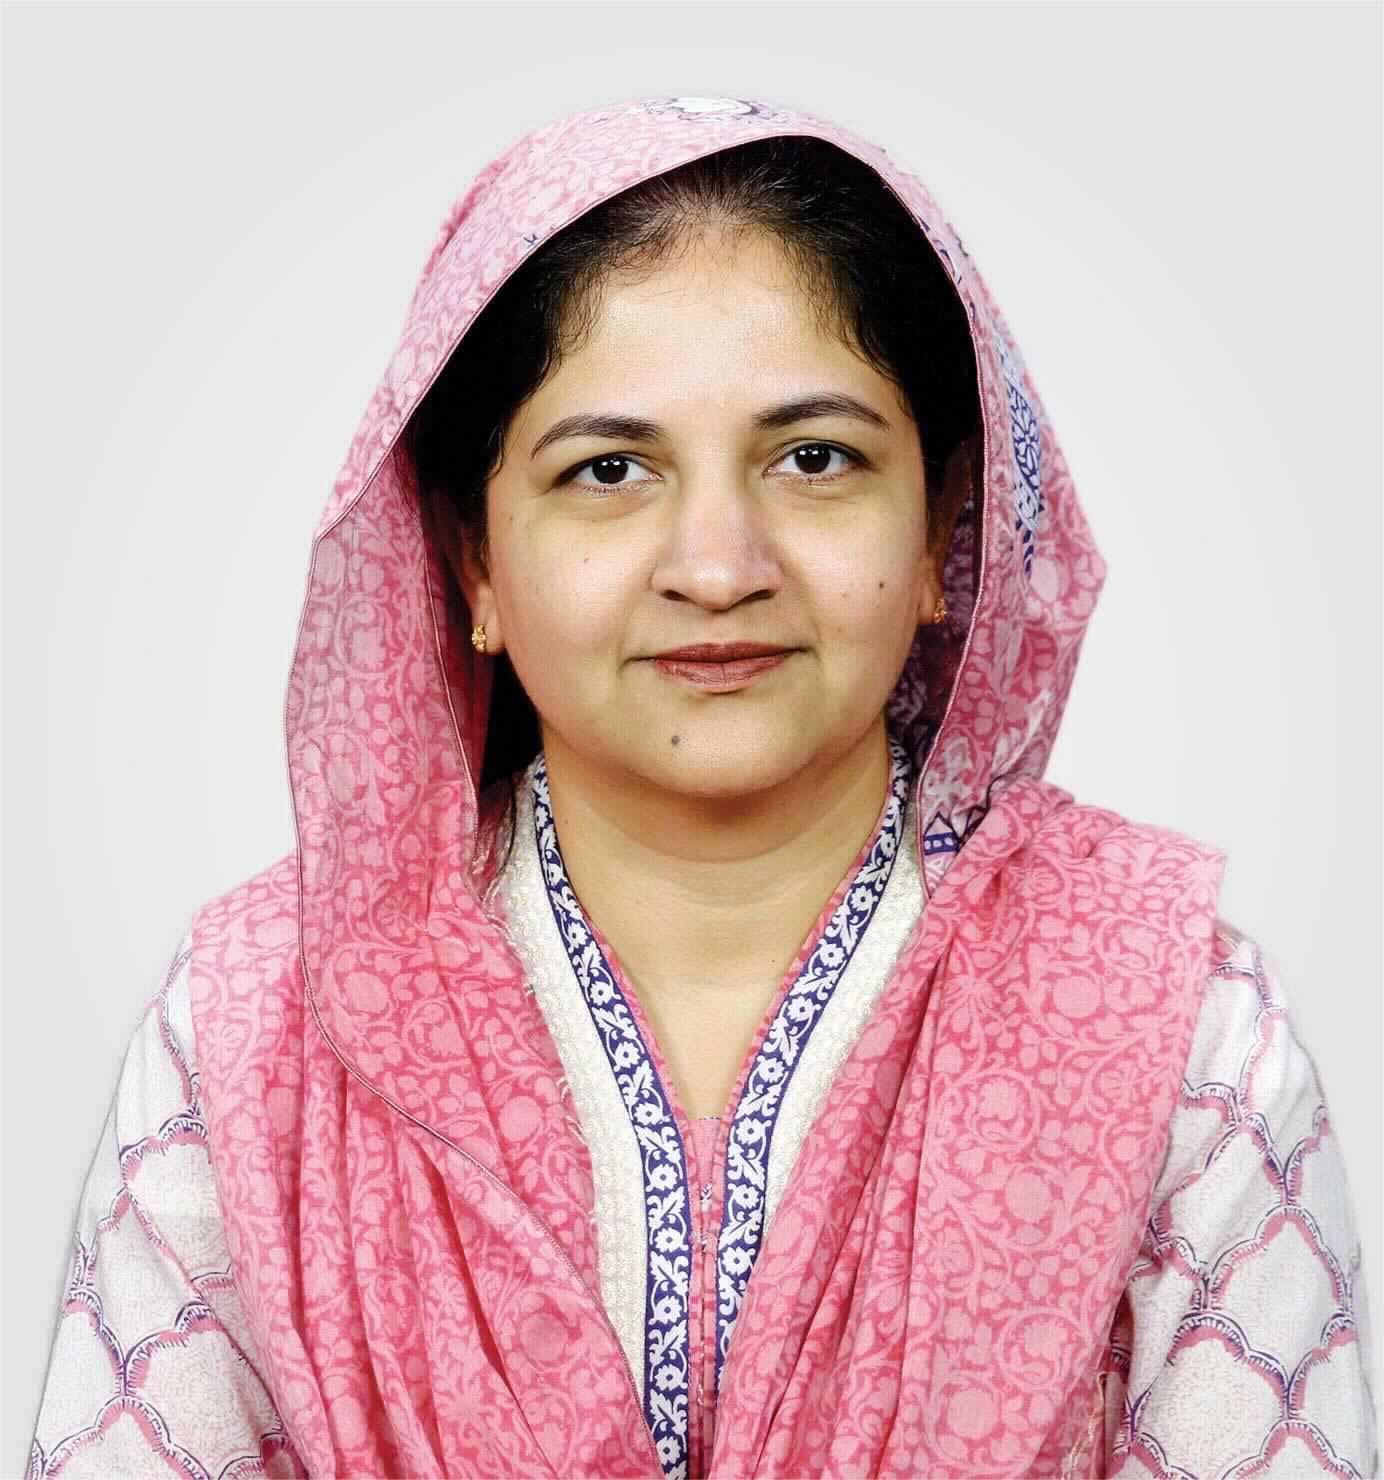 Shehla Chaudhry